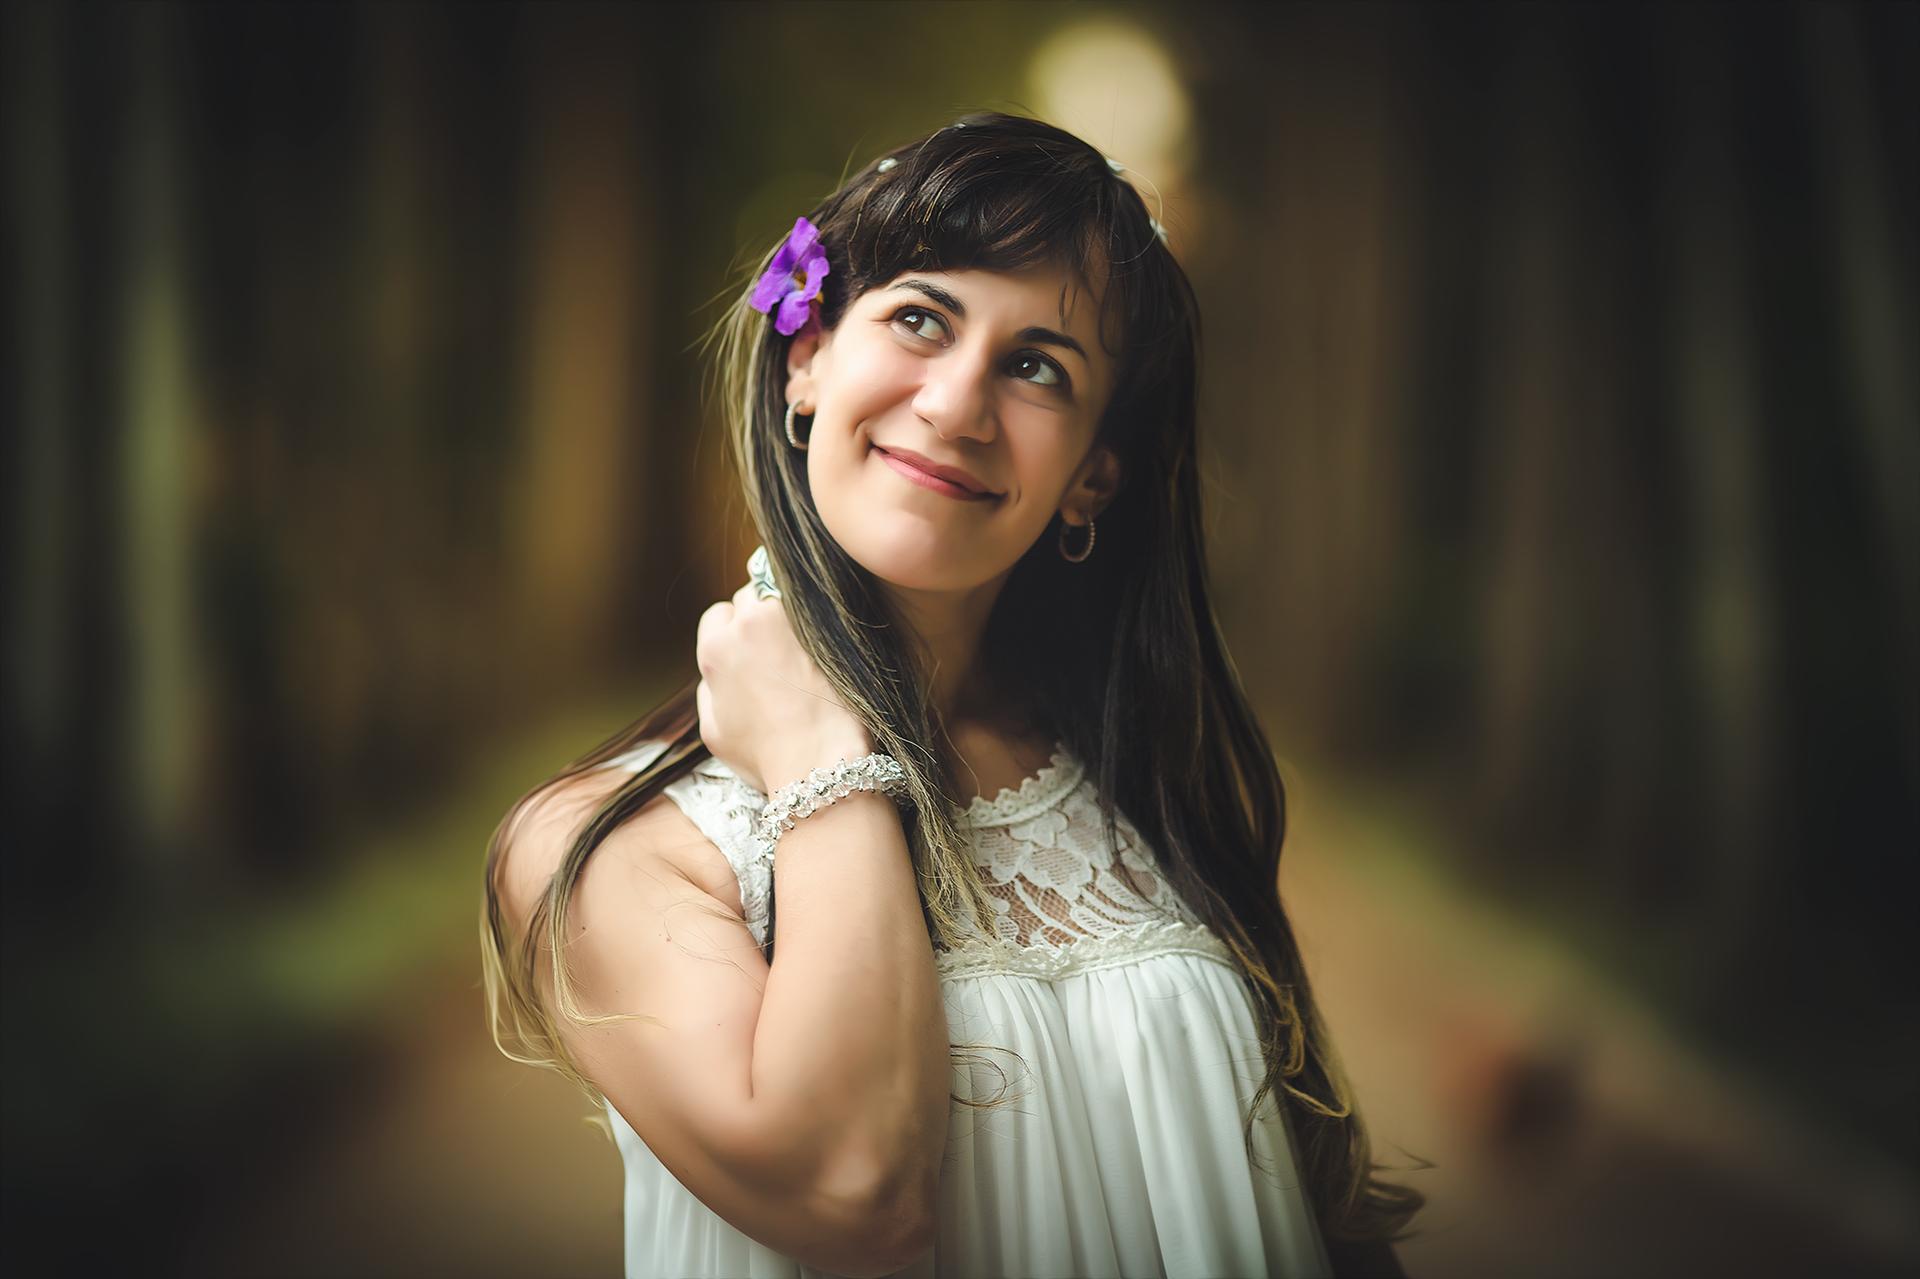 Sobre Sandra Villani - fotógrafa de Recém Nascido e Gestantes no ABC São Paulo